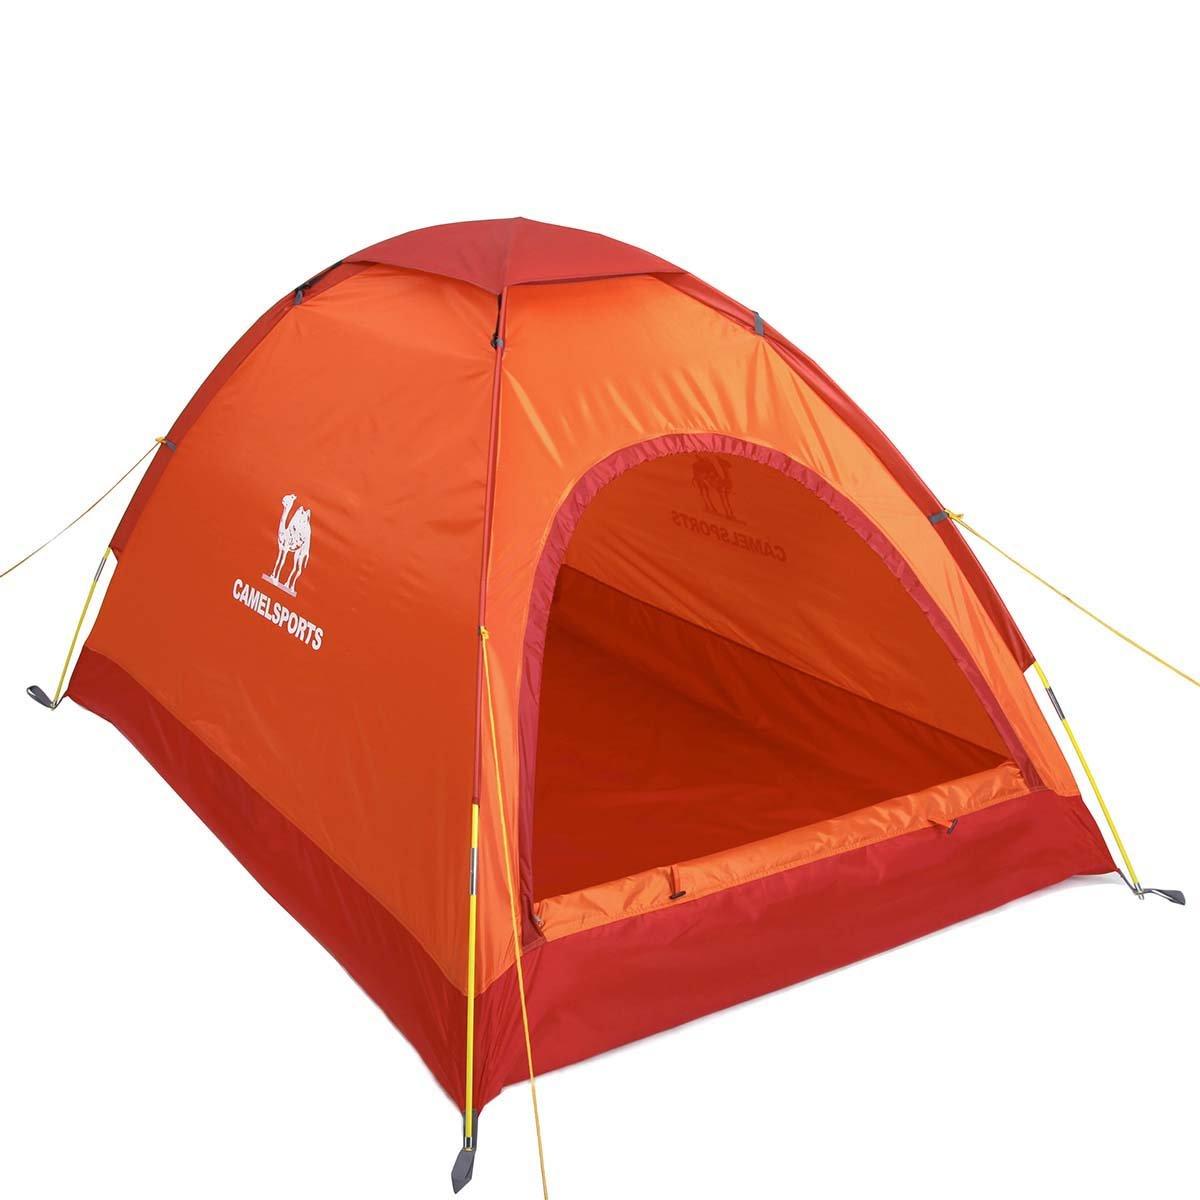 PIGE Outdoor Zelt Campingzelte Regenfeste Doppelzelte